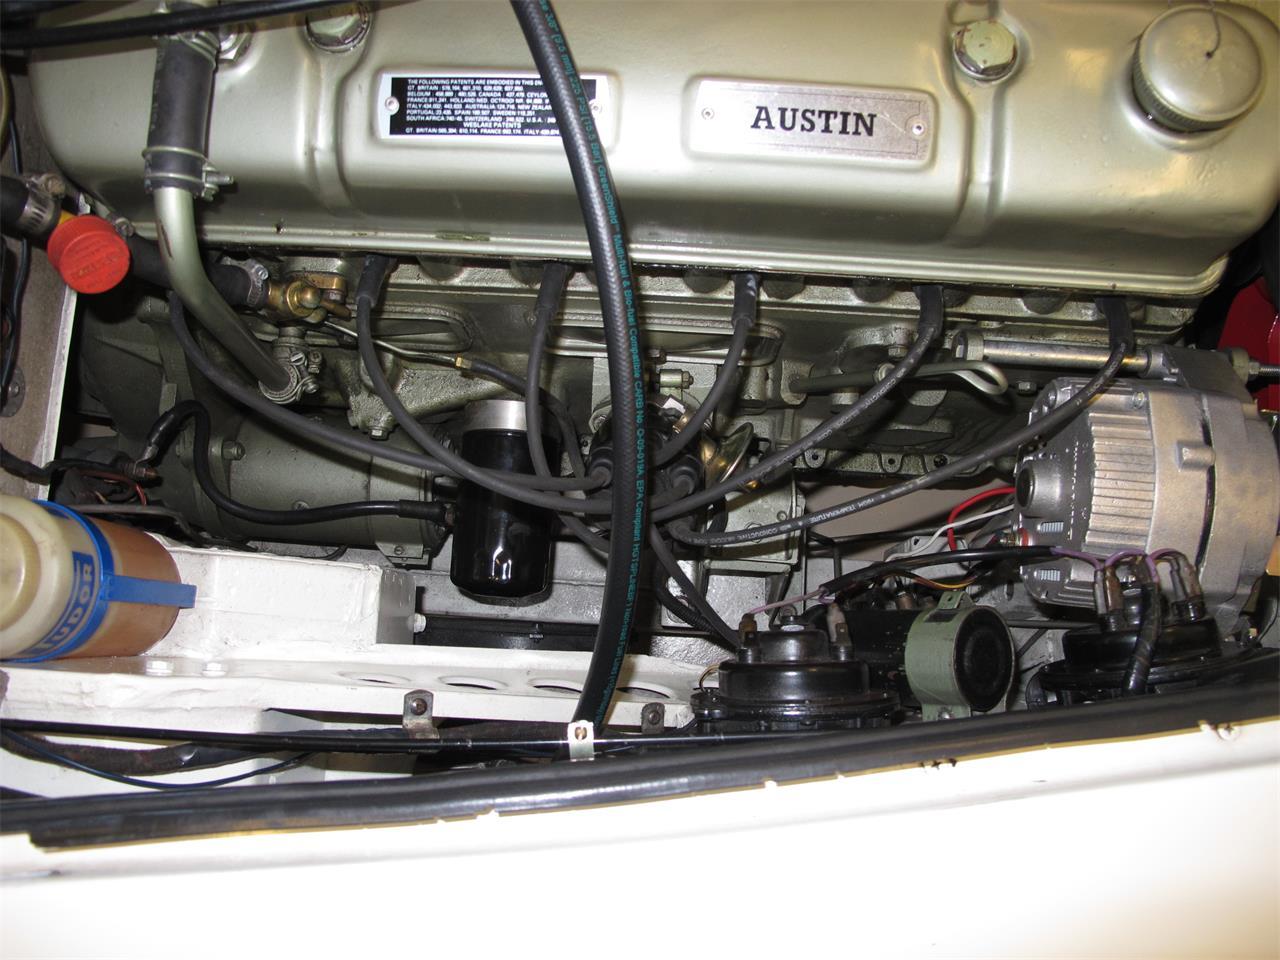 1967 Austin-Healey 3000 Mark III BJ8 (CC-1240521) for sale in Carson City, Nevada